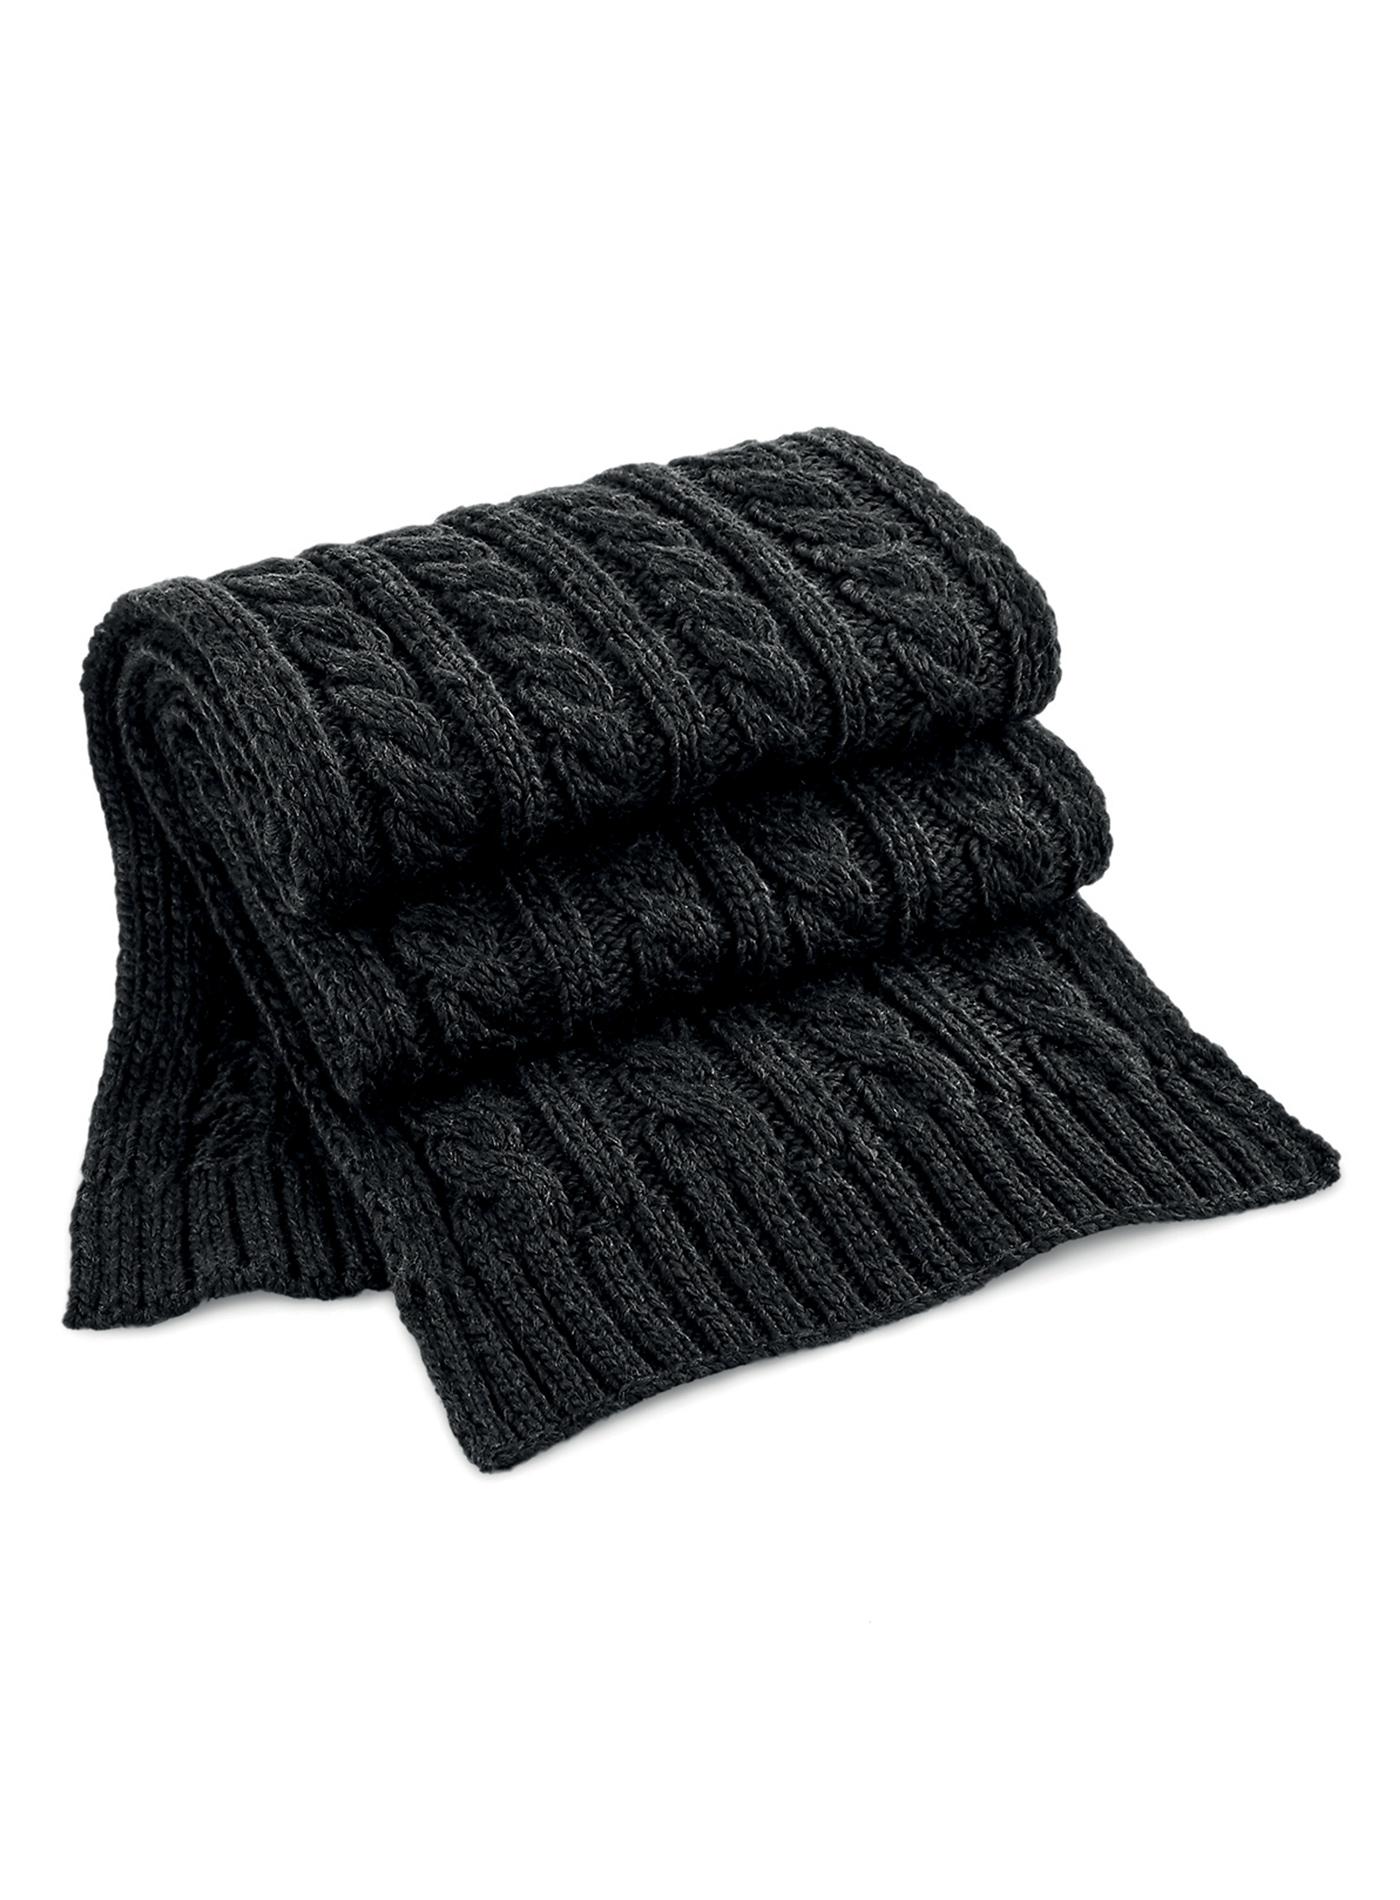 Pletená šála Melange - černá univerzal